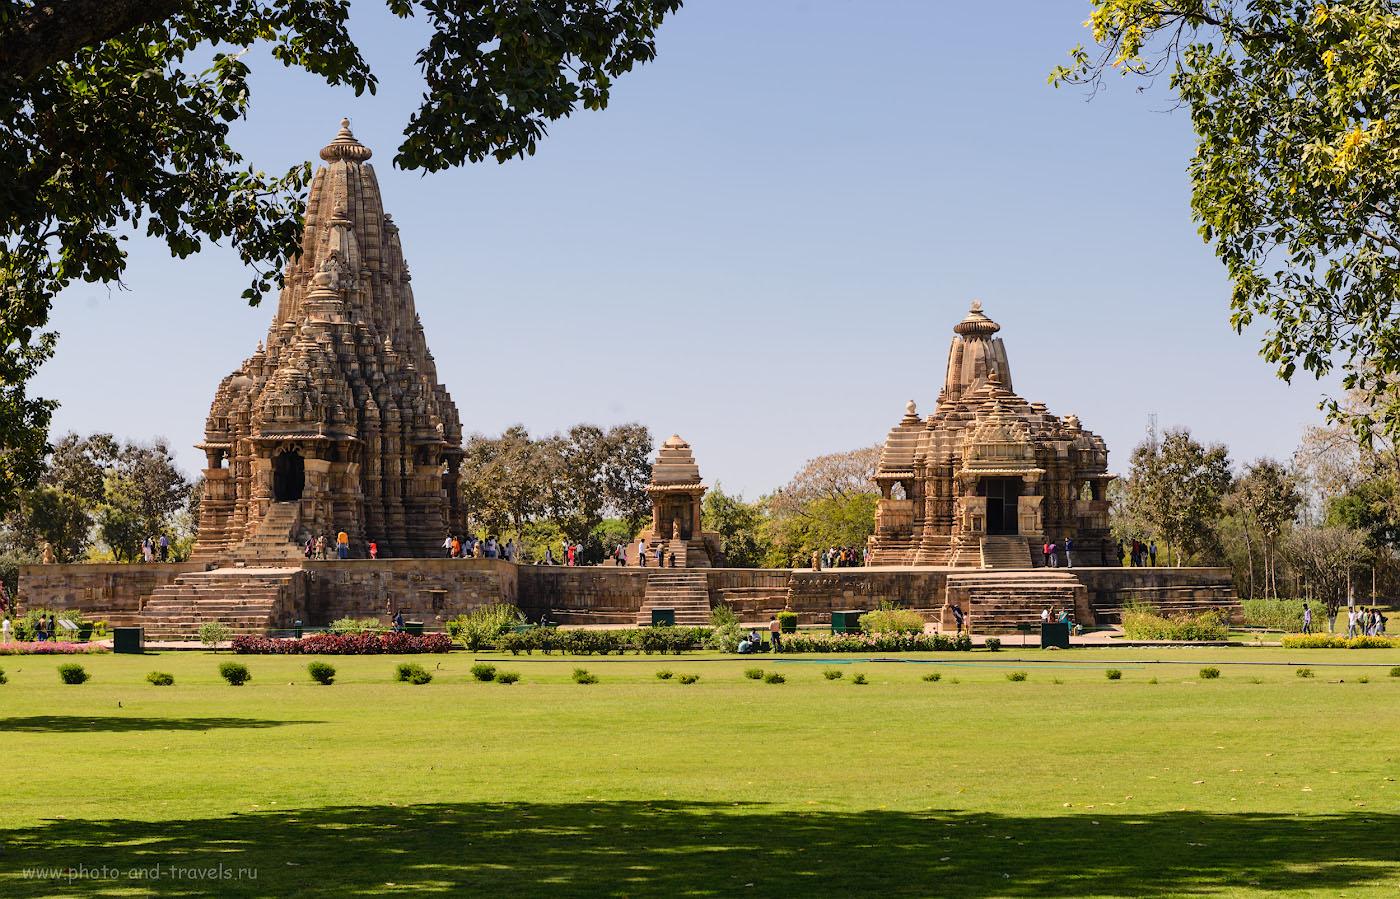 Фотография 15. Храмы с эротическими скульптурами в Кхаджурахо. Отчет о поездке в Индию самостоятельно. 1/200, -0.33, 9.0, 100, 70.